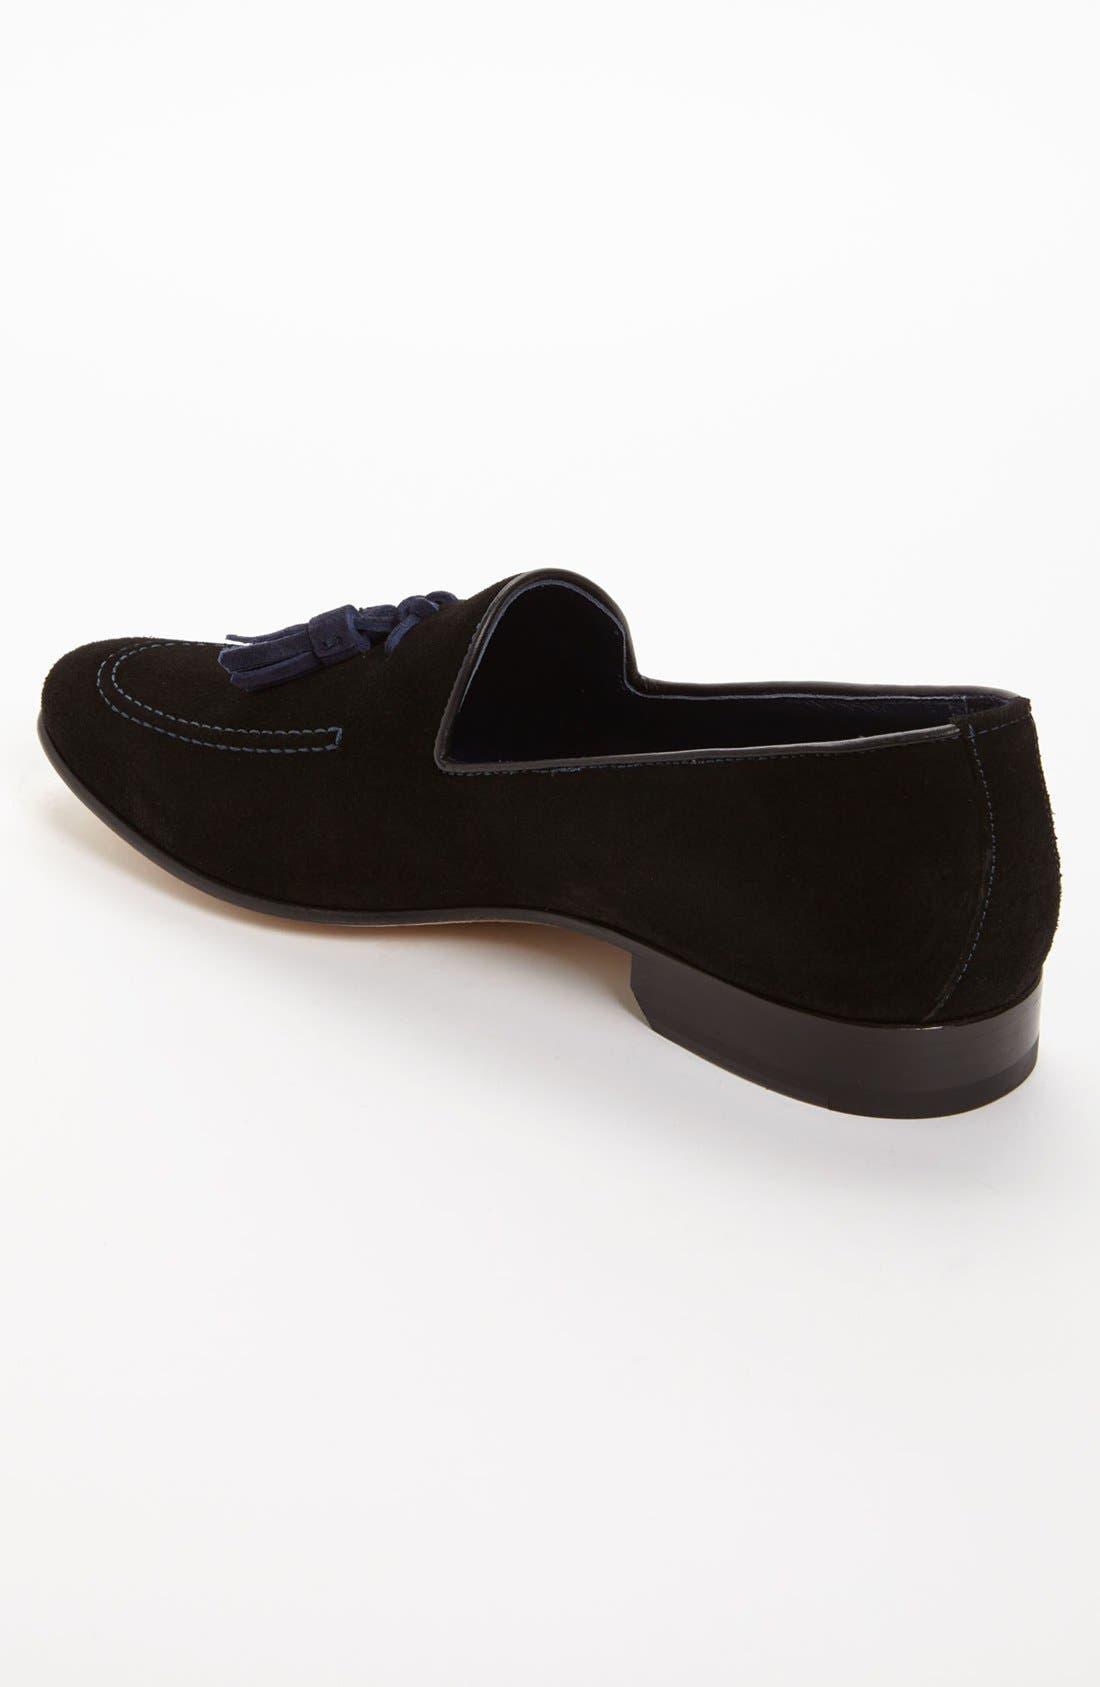 Alternate Image 2  - To Boot New York 'Holden' Tassel Loafer